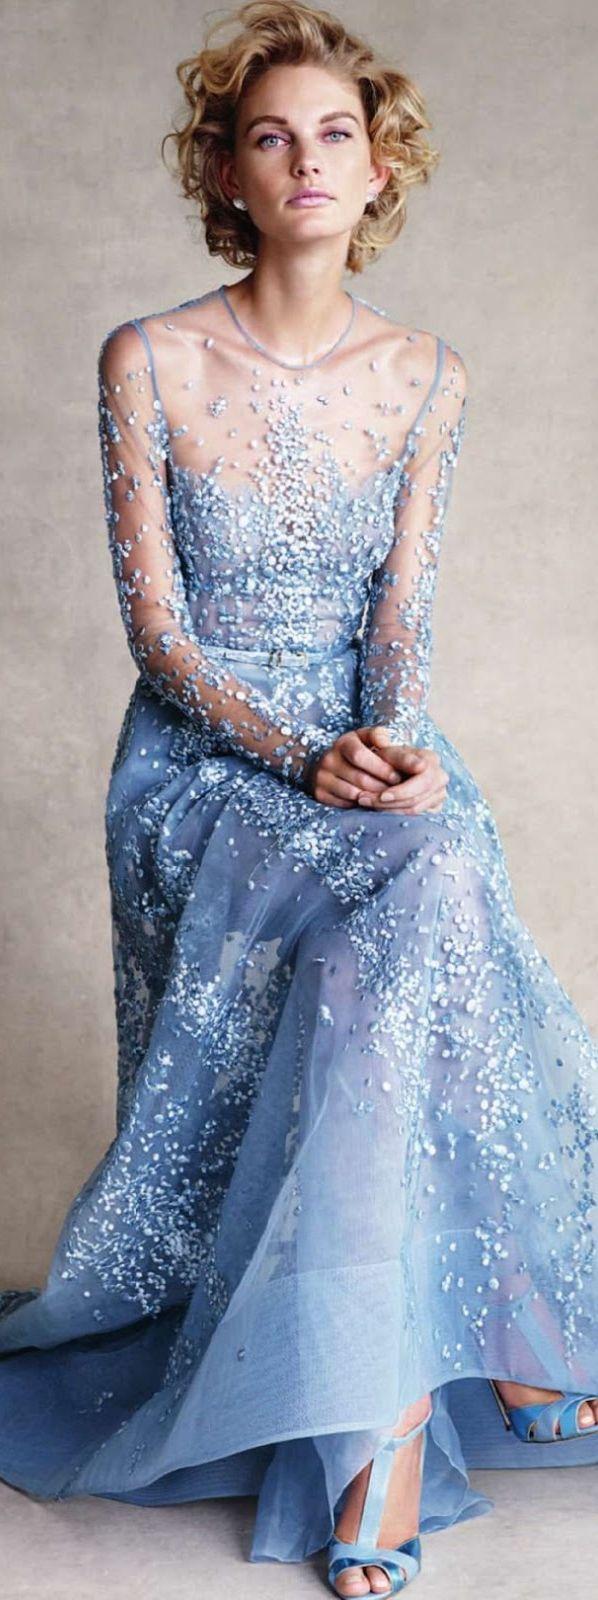 31 best Wedding Dress images on Pinterest | Sweet dress, Evening ...